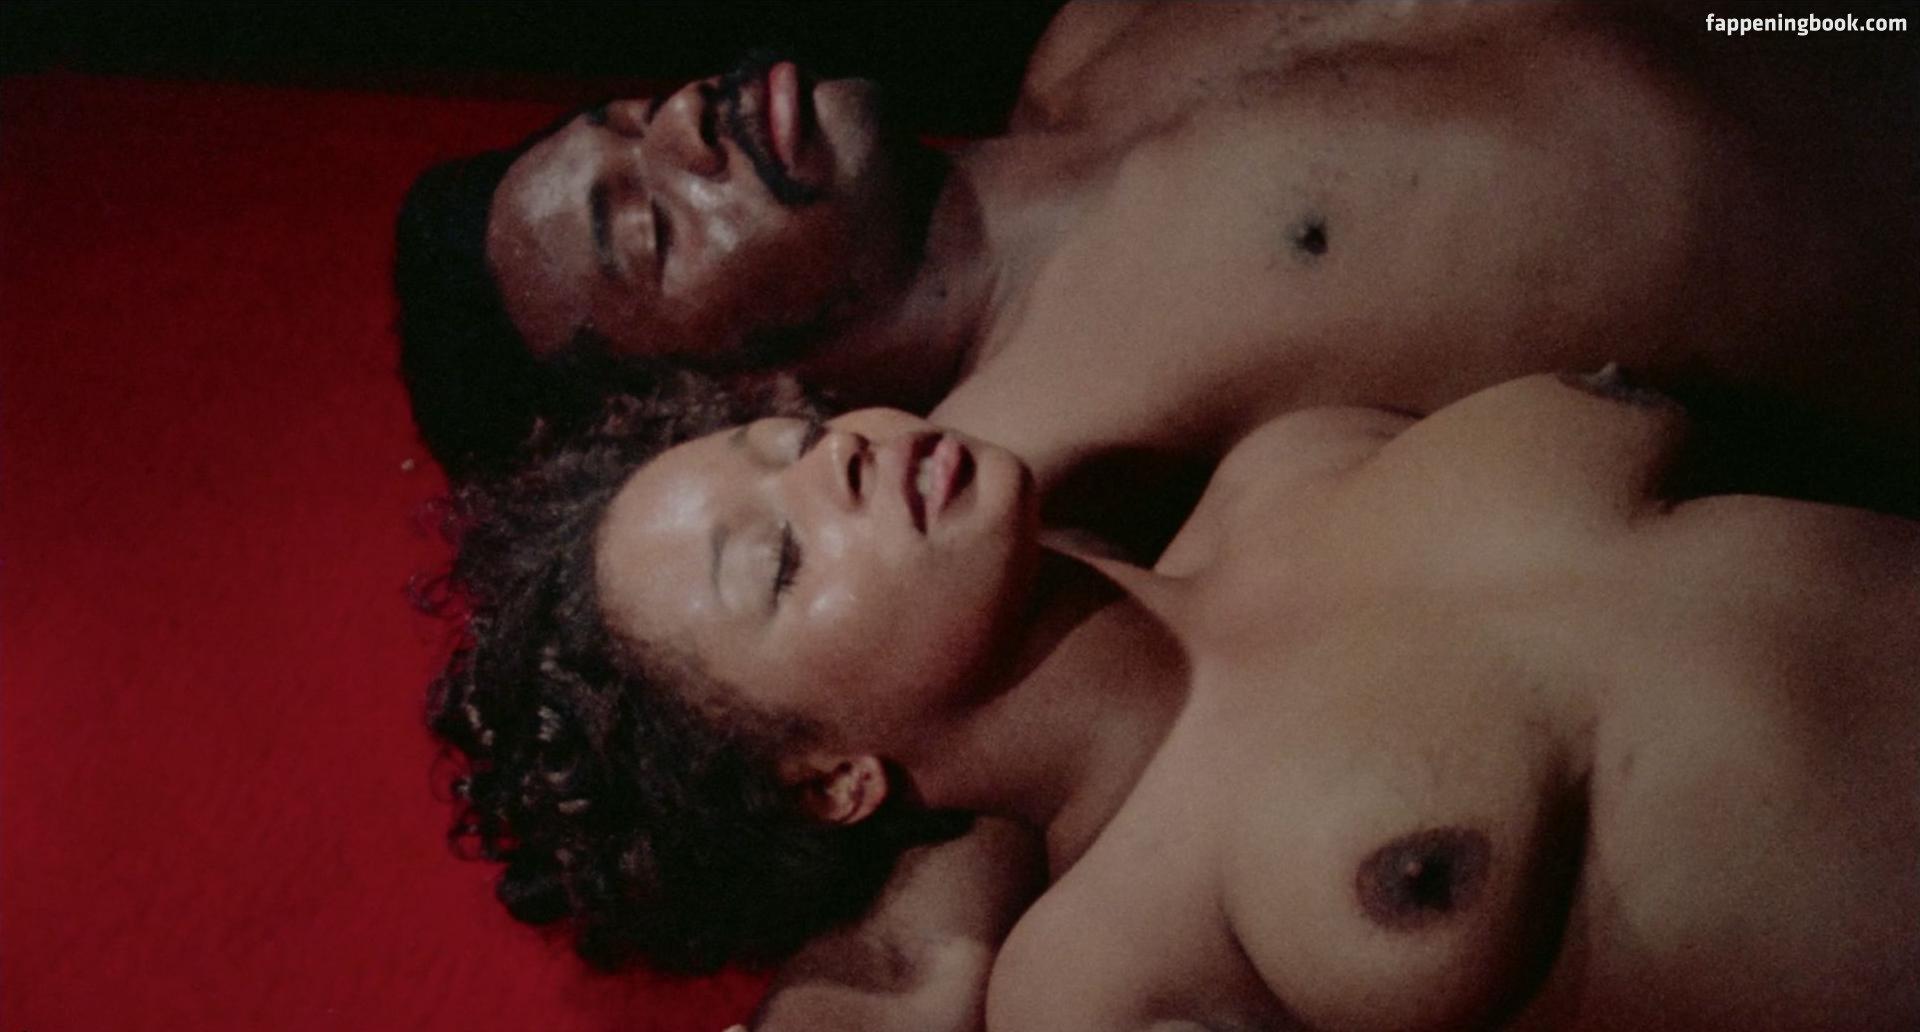 Nackt elisabeth brueck Category:Historical images